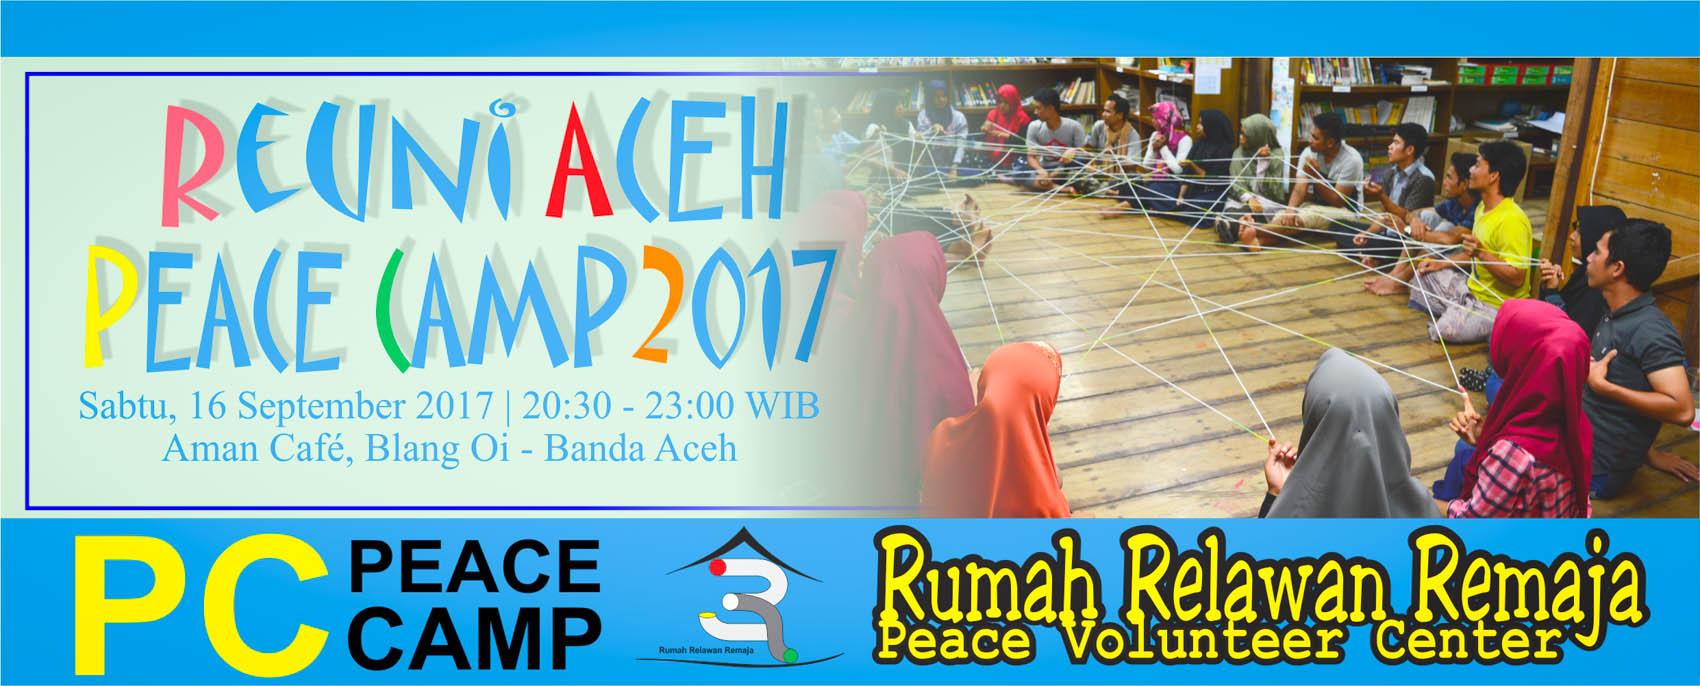 Reuni Peace Camp 2017